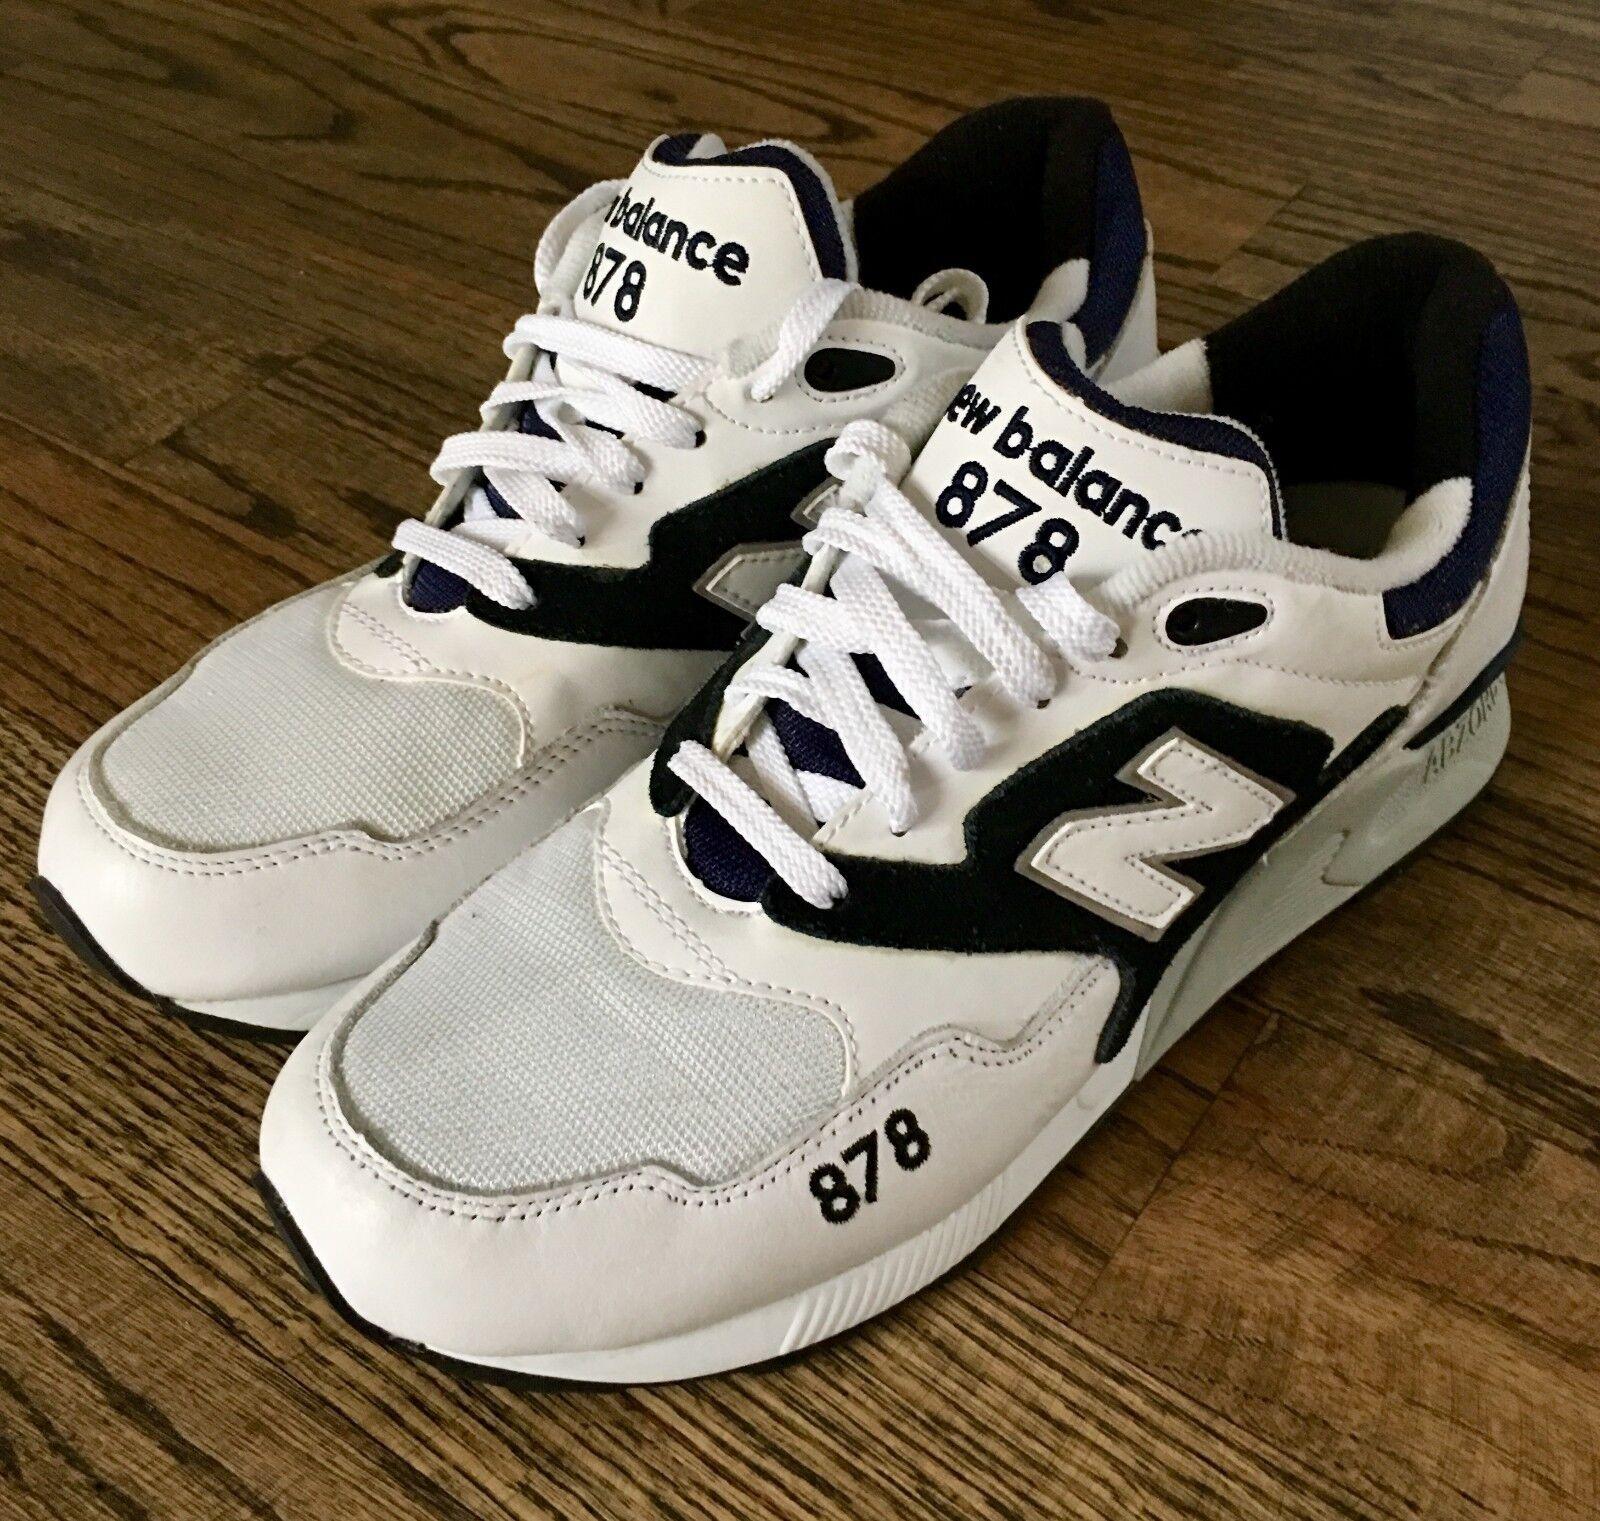 NEW BALANCE 878 90'S RUNNING SHOES WHITE BLACK NAVY (ML878AAA) NWOB